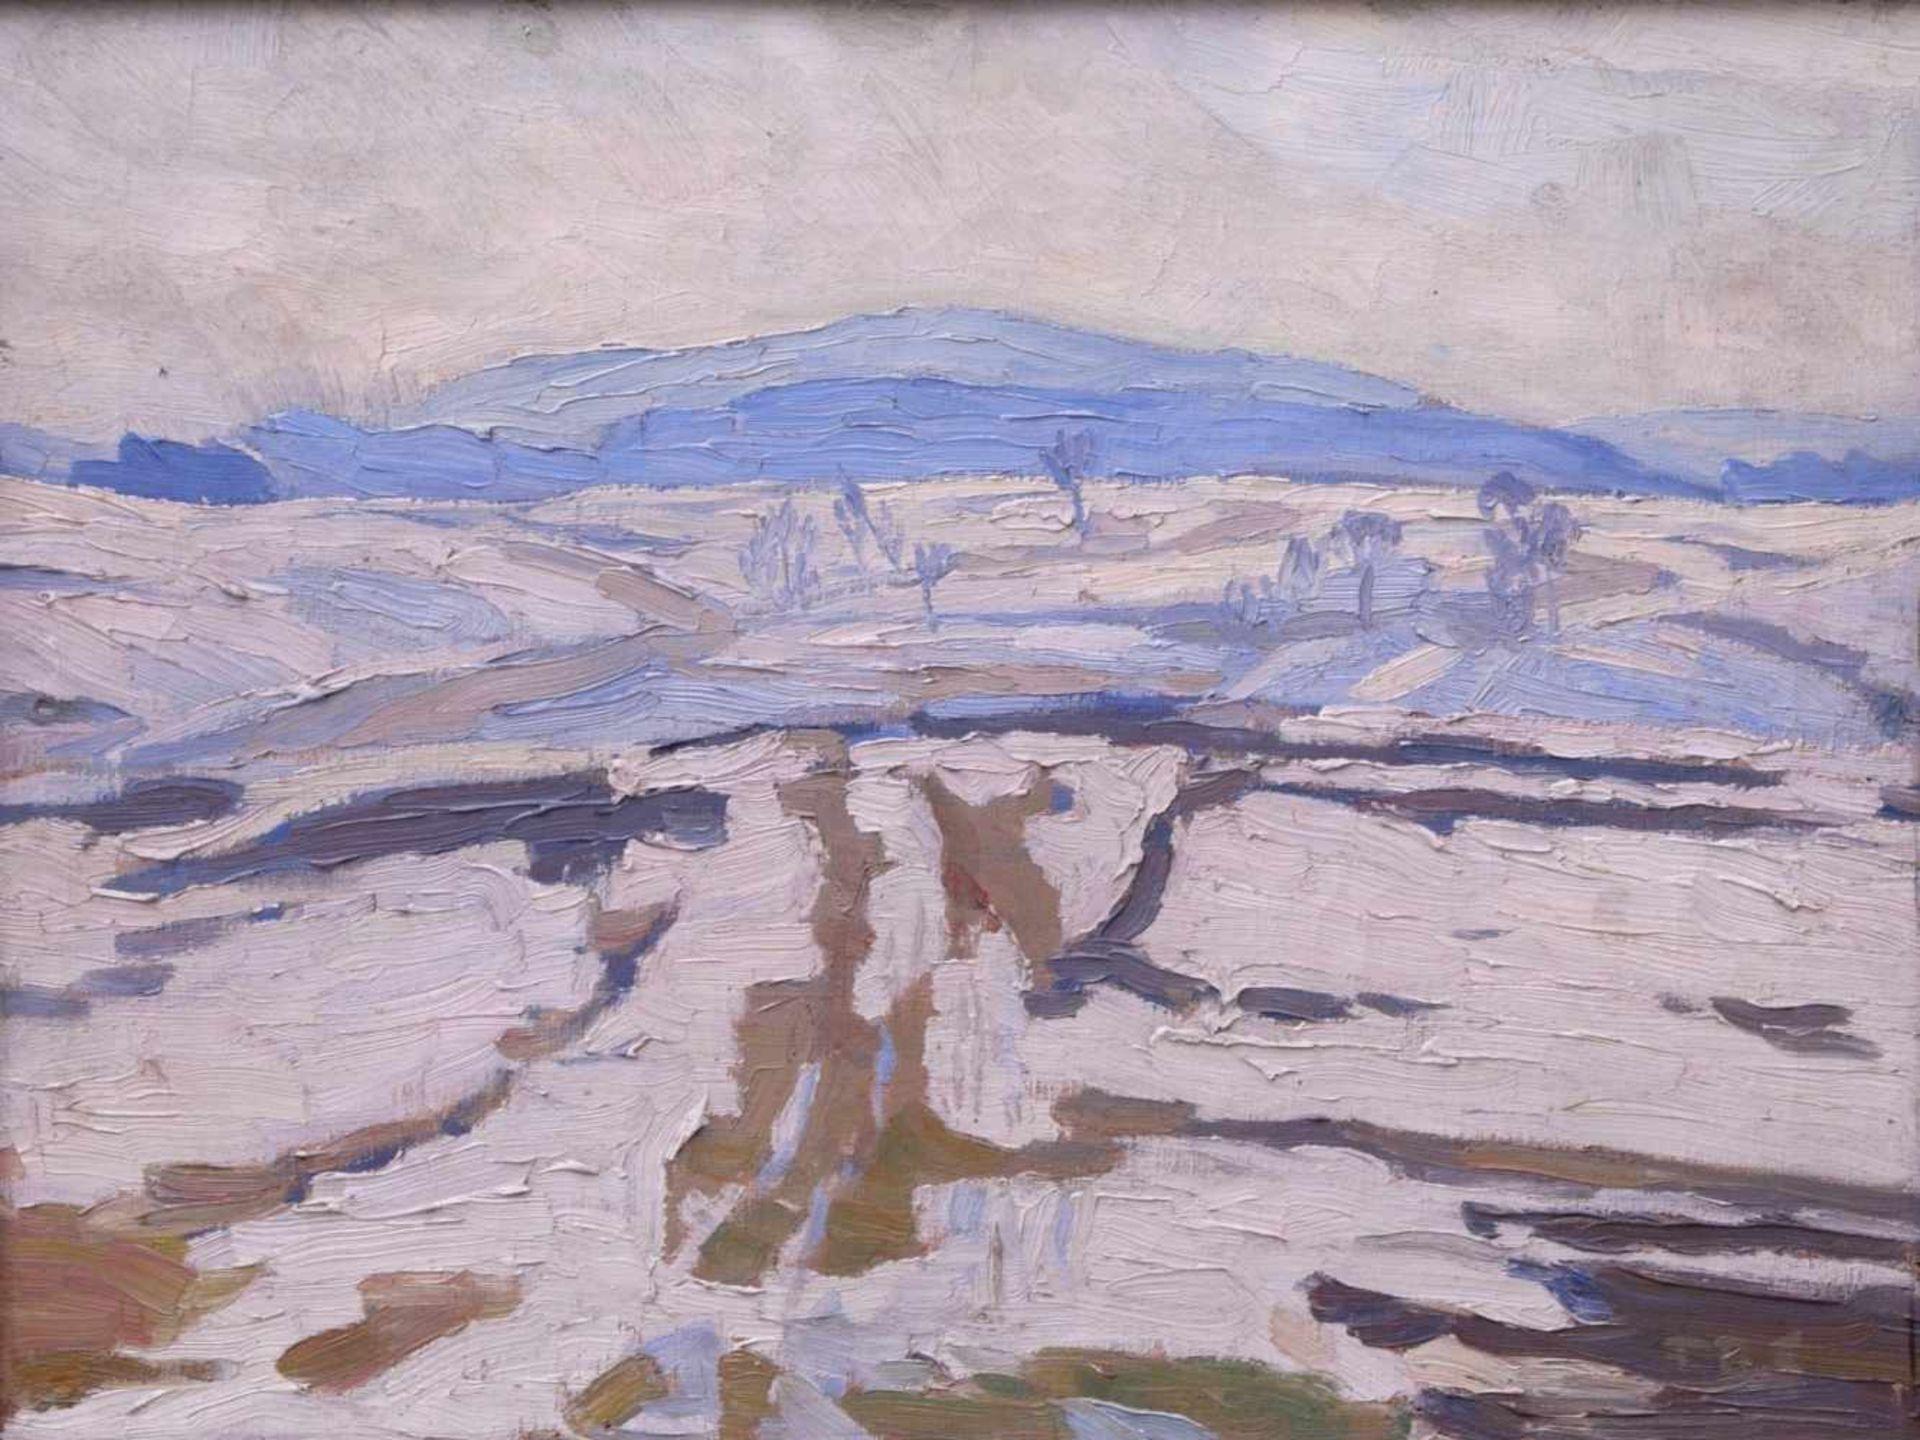 Schwemmer, Friedrich Rudolf (vor 1900 nach 1940) - Winterlandschaft um 1915Expressionistische - Bild 2 aus 5